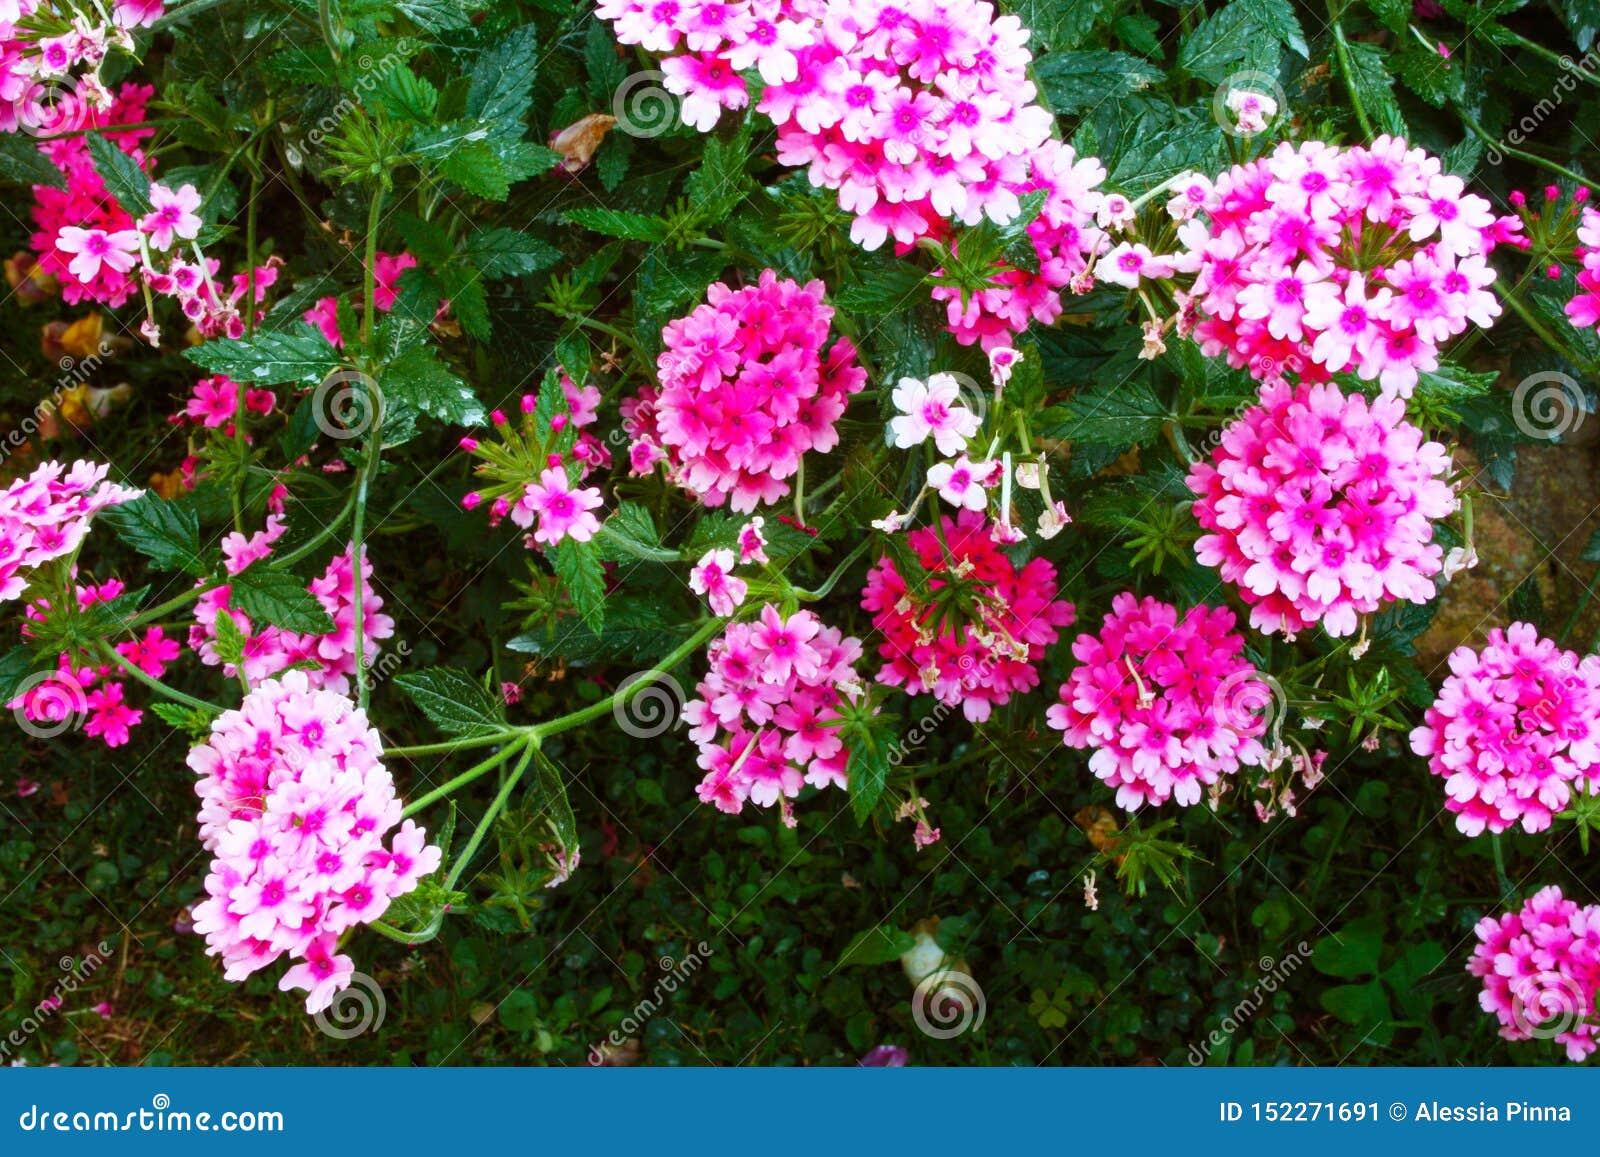 Arbusto verde luxúria do rosa e da flor roxa do verbena